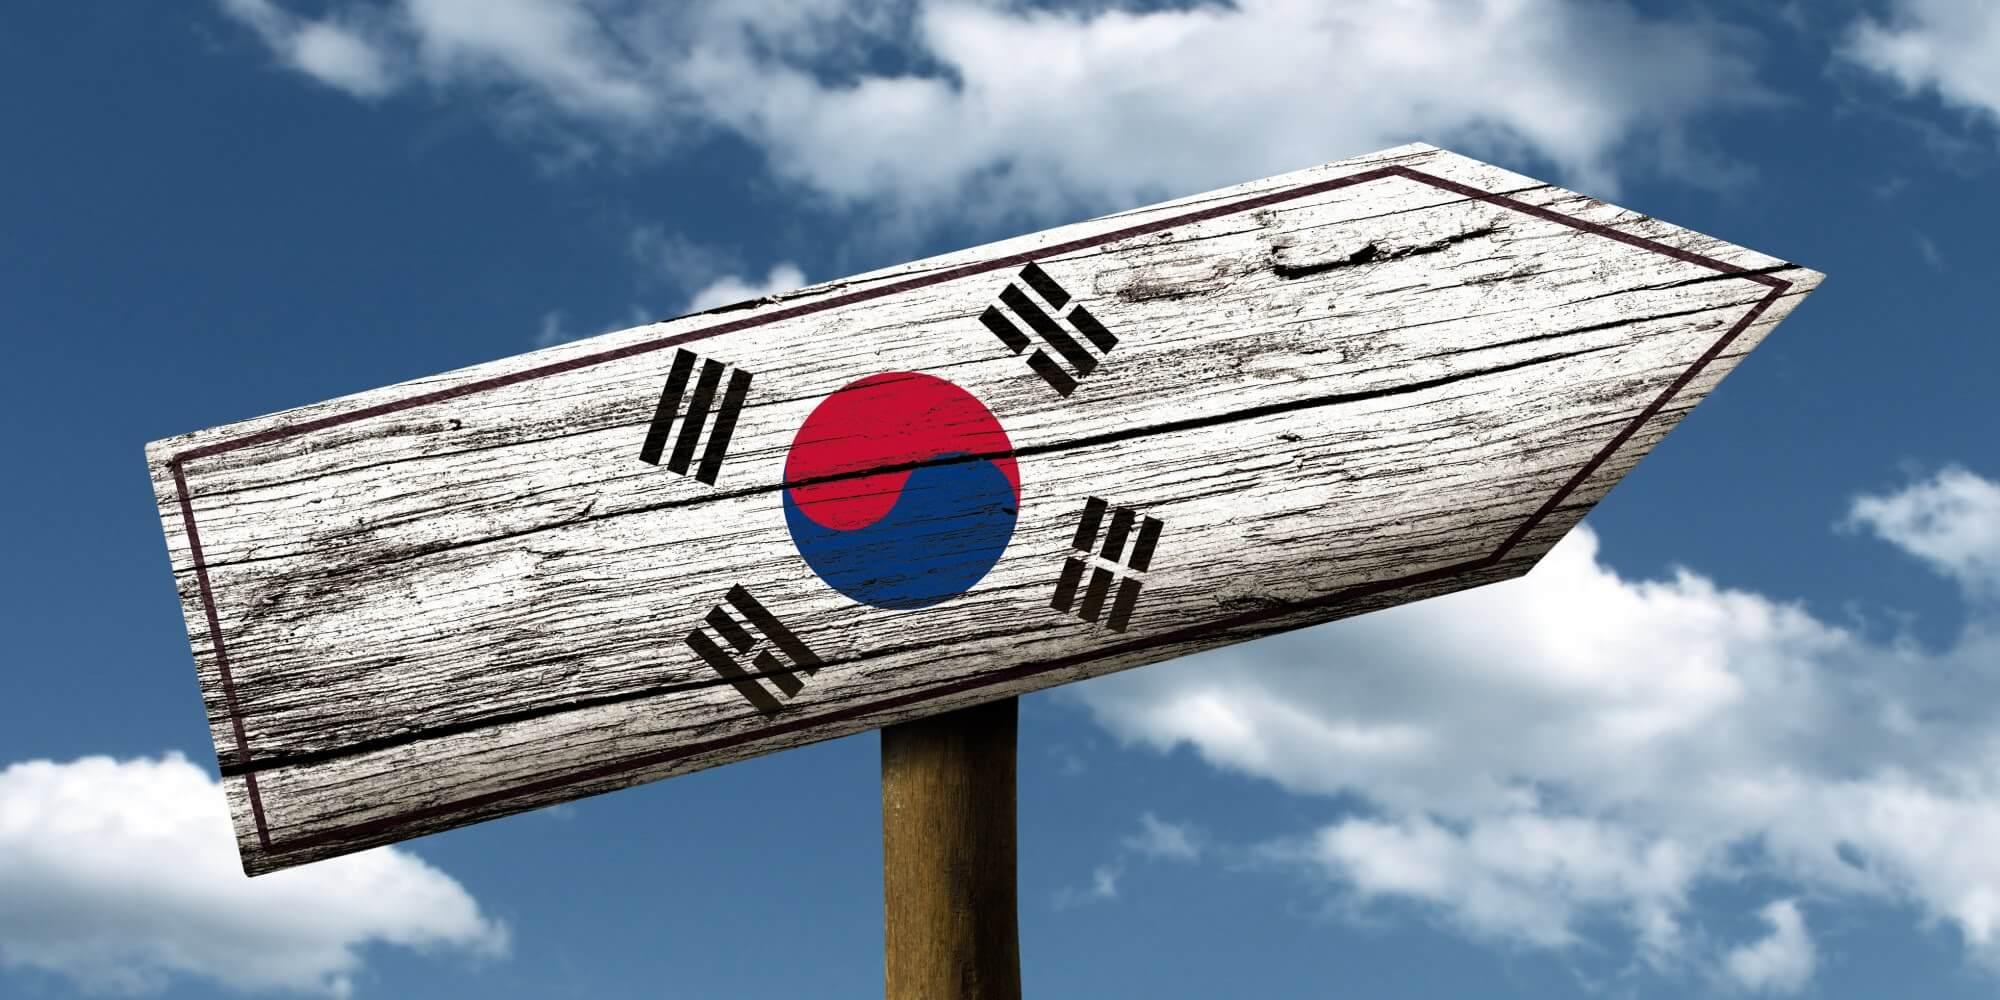 Южнокорейские компании неправомерно используют термины крипторынка